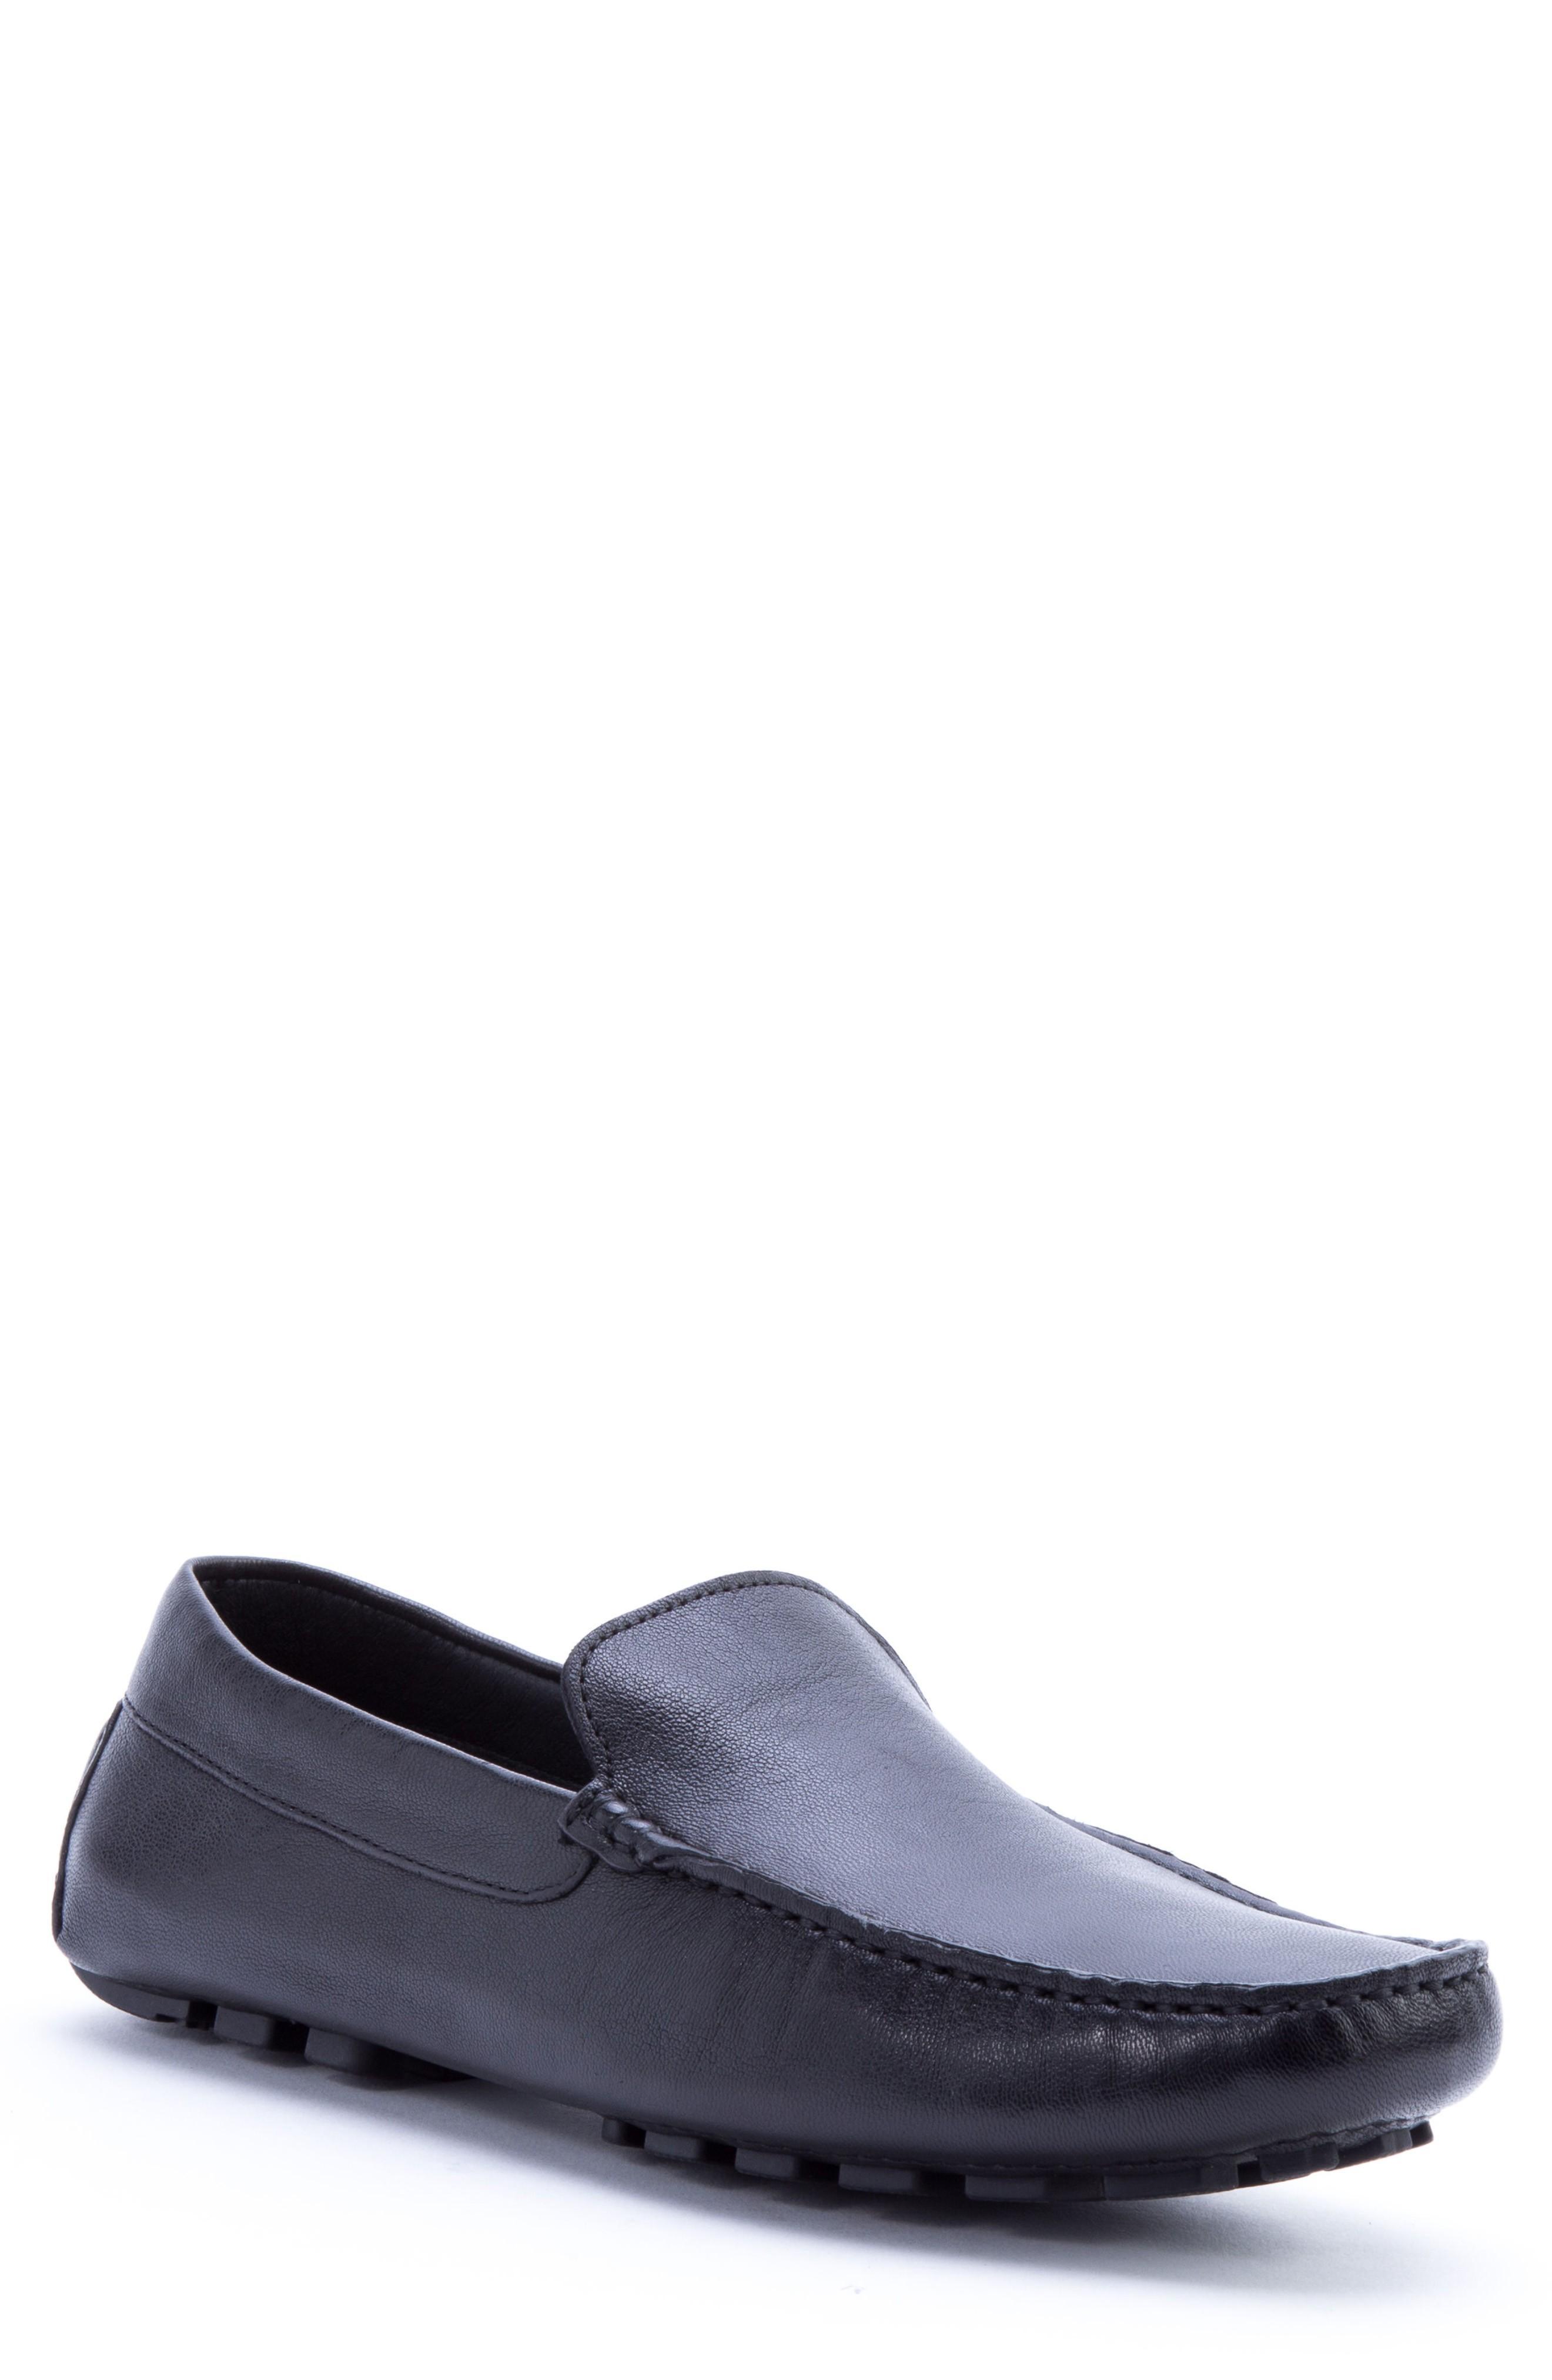 Zanzara Picasso 3 Moc Toe Driving Loafer In Black Leather